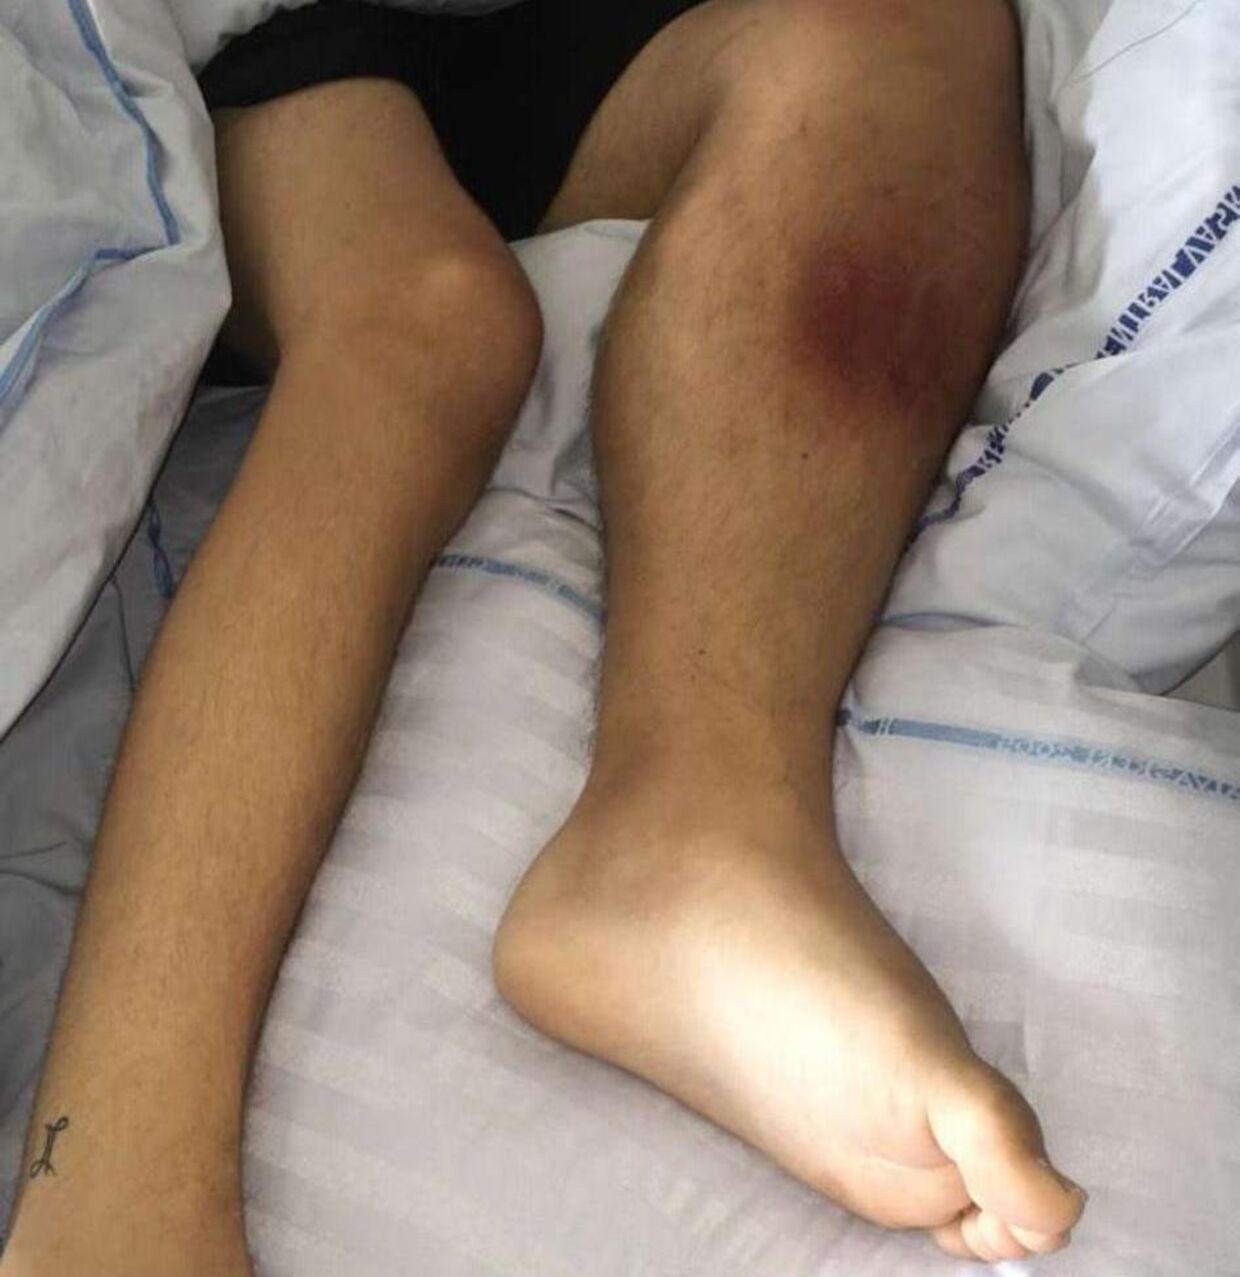 Rasmus' ben er hævet og gør ondt, da han beslutter at opsøge sin praktiserende læge. Det viser sig at være kræft. Foto: Privat.